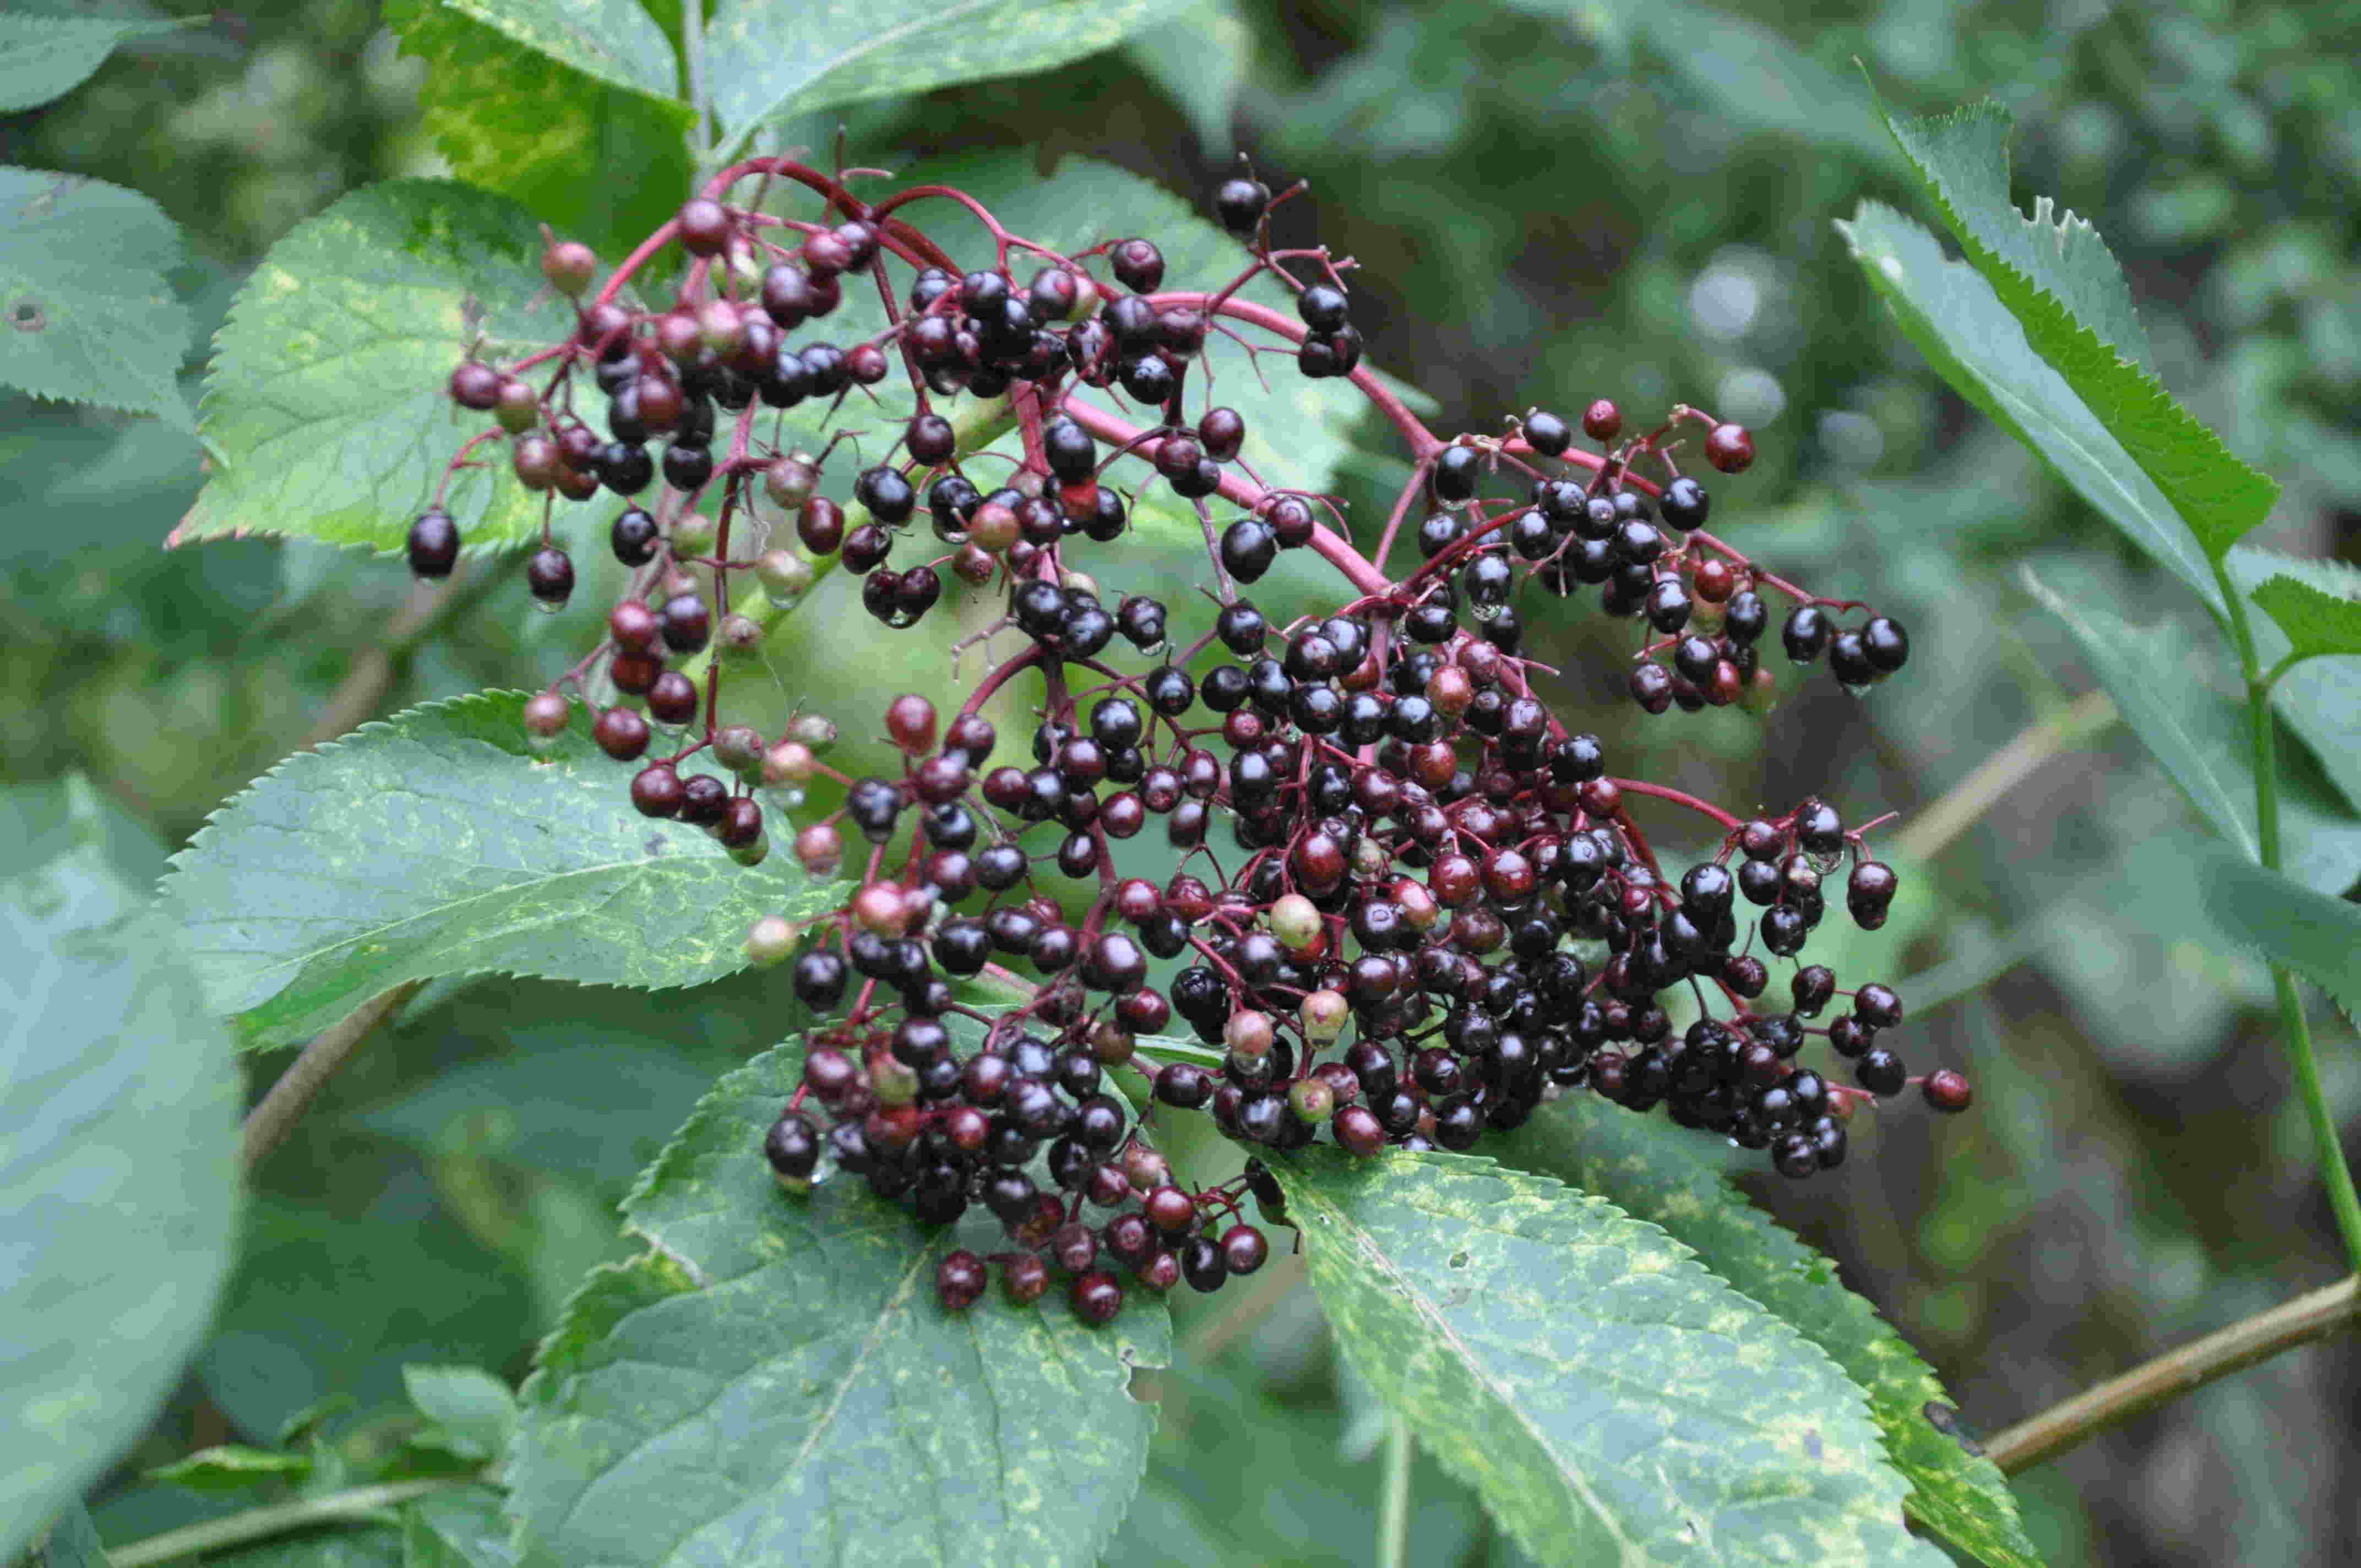 Även vilda bär som fläder och try kan angripas av den nya fruktflugan.